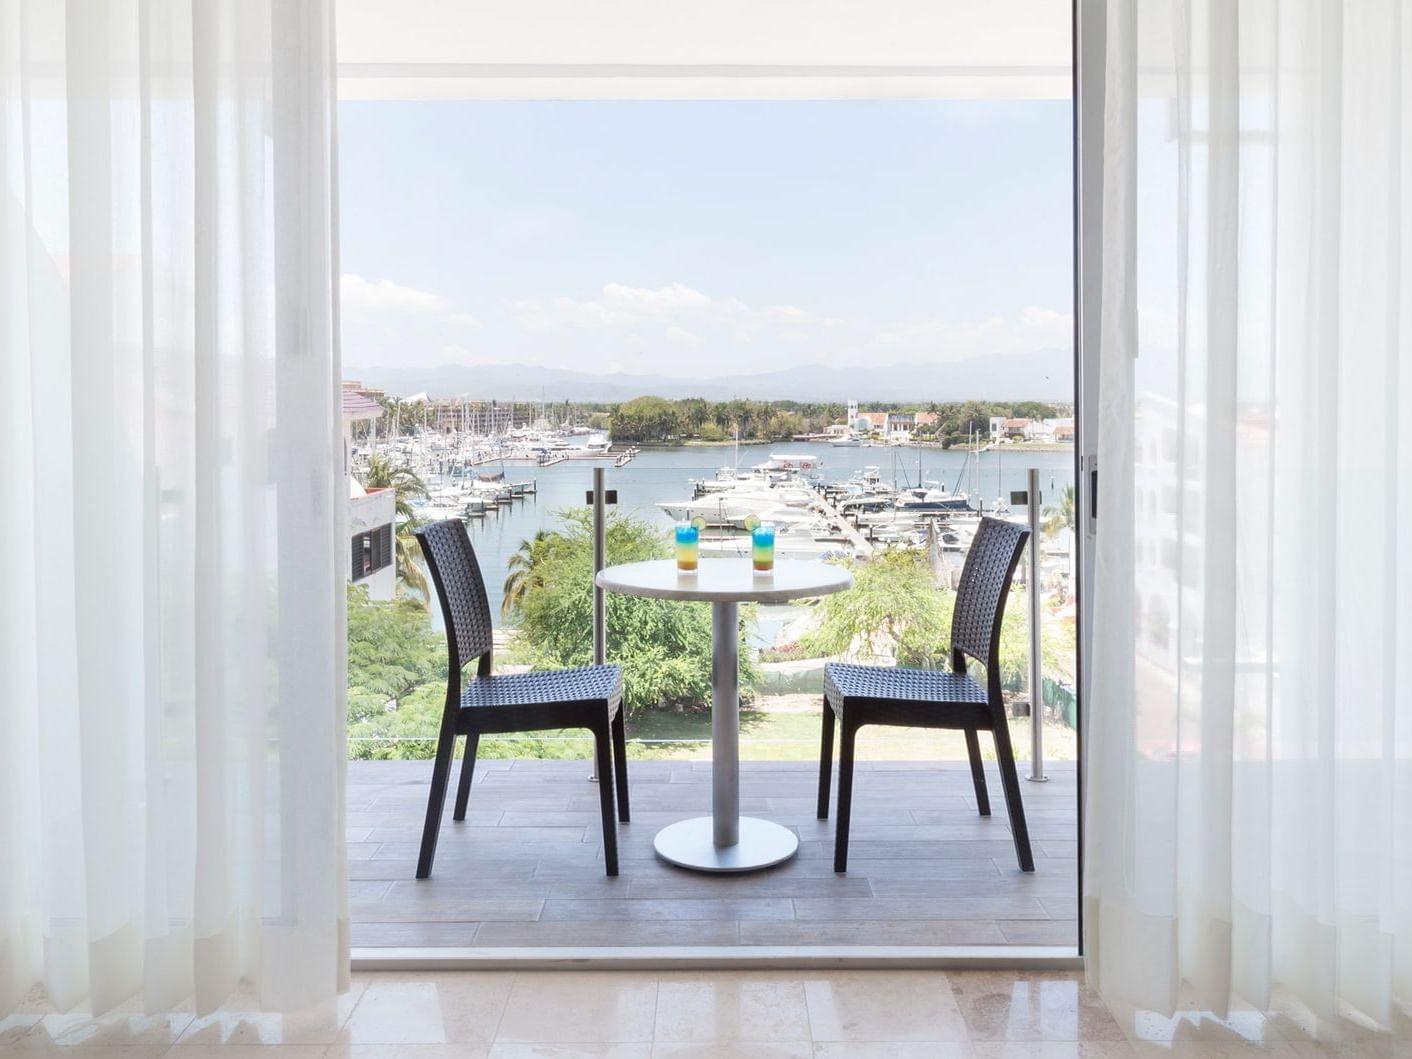 Deluxe Room at Hotel Villa Varadero